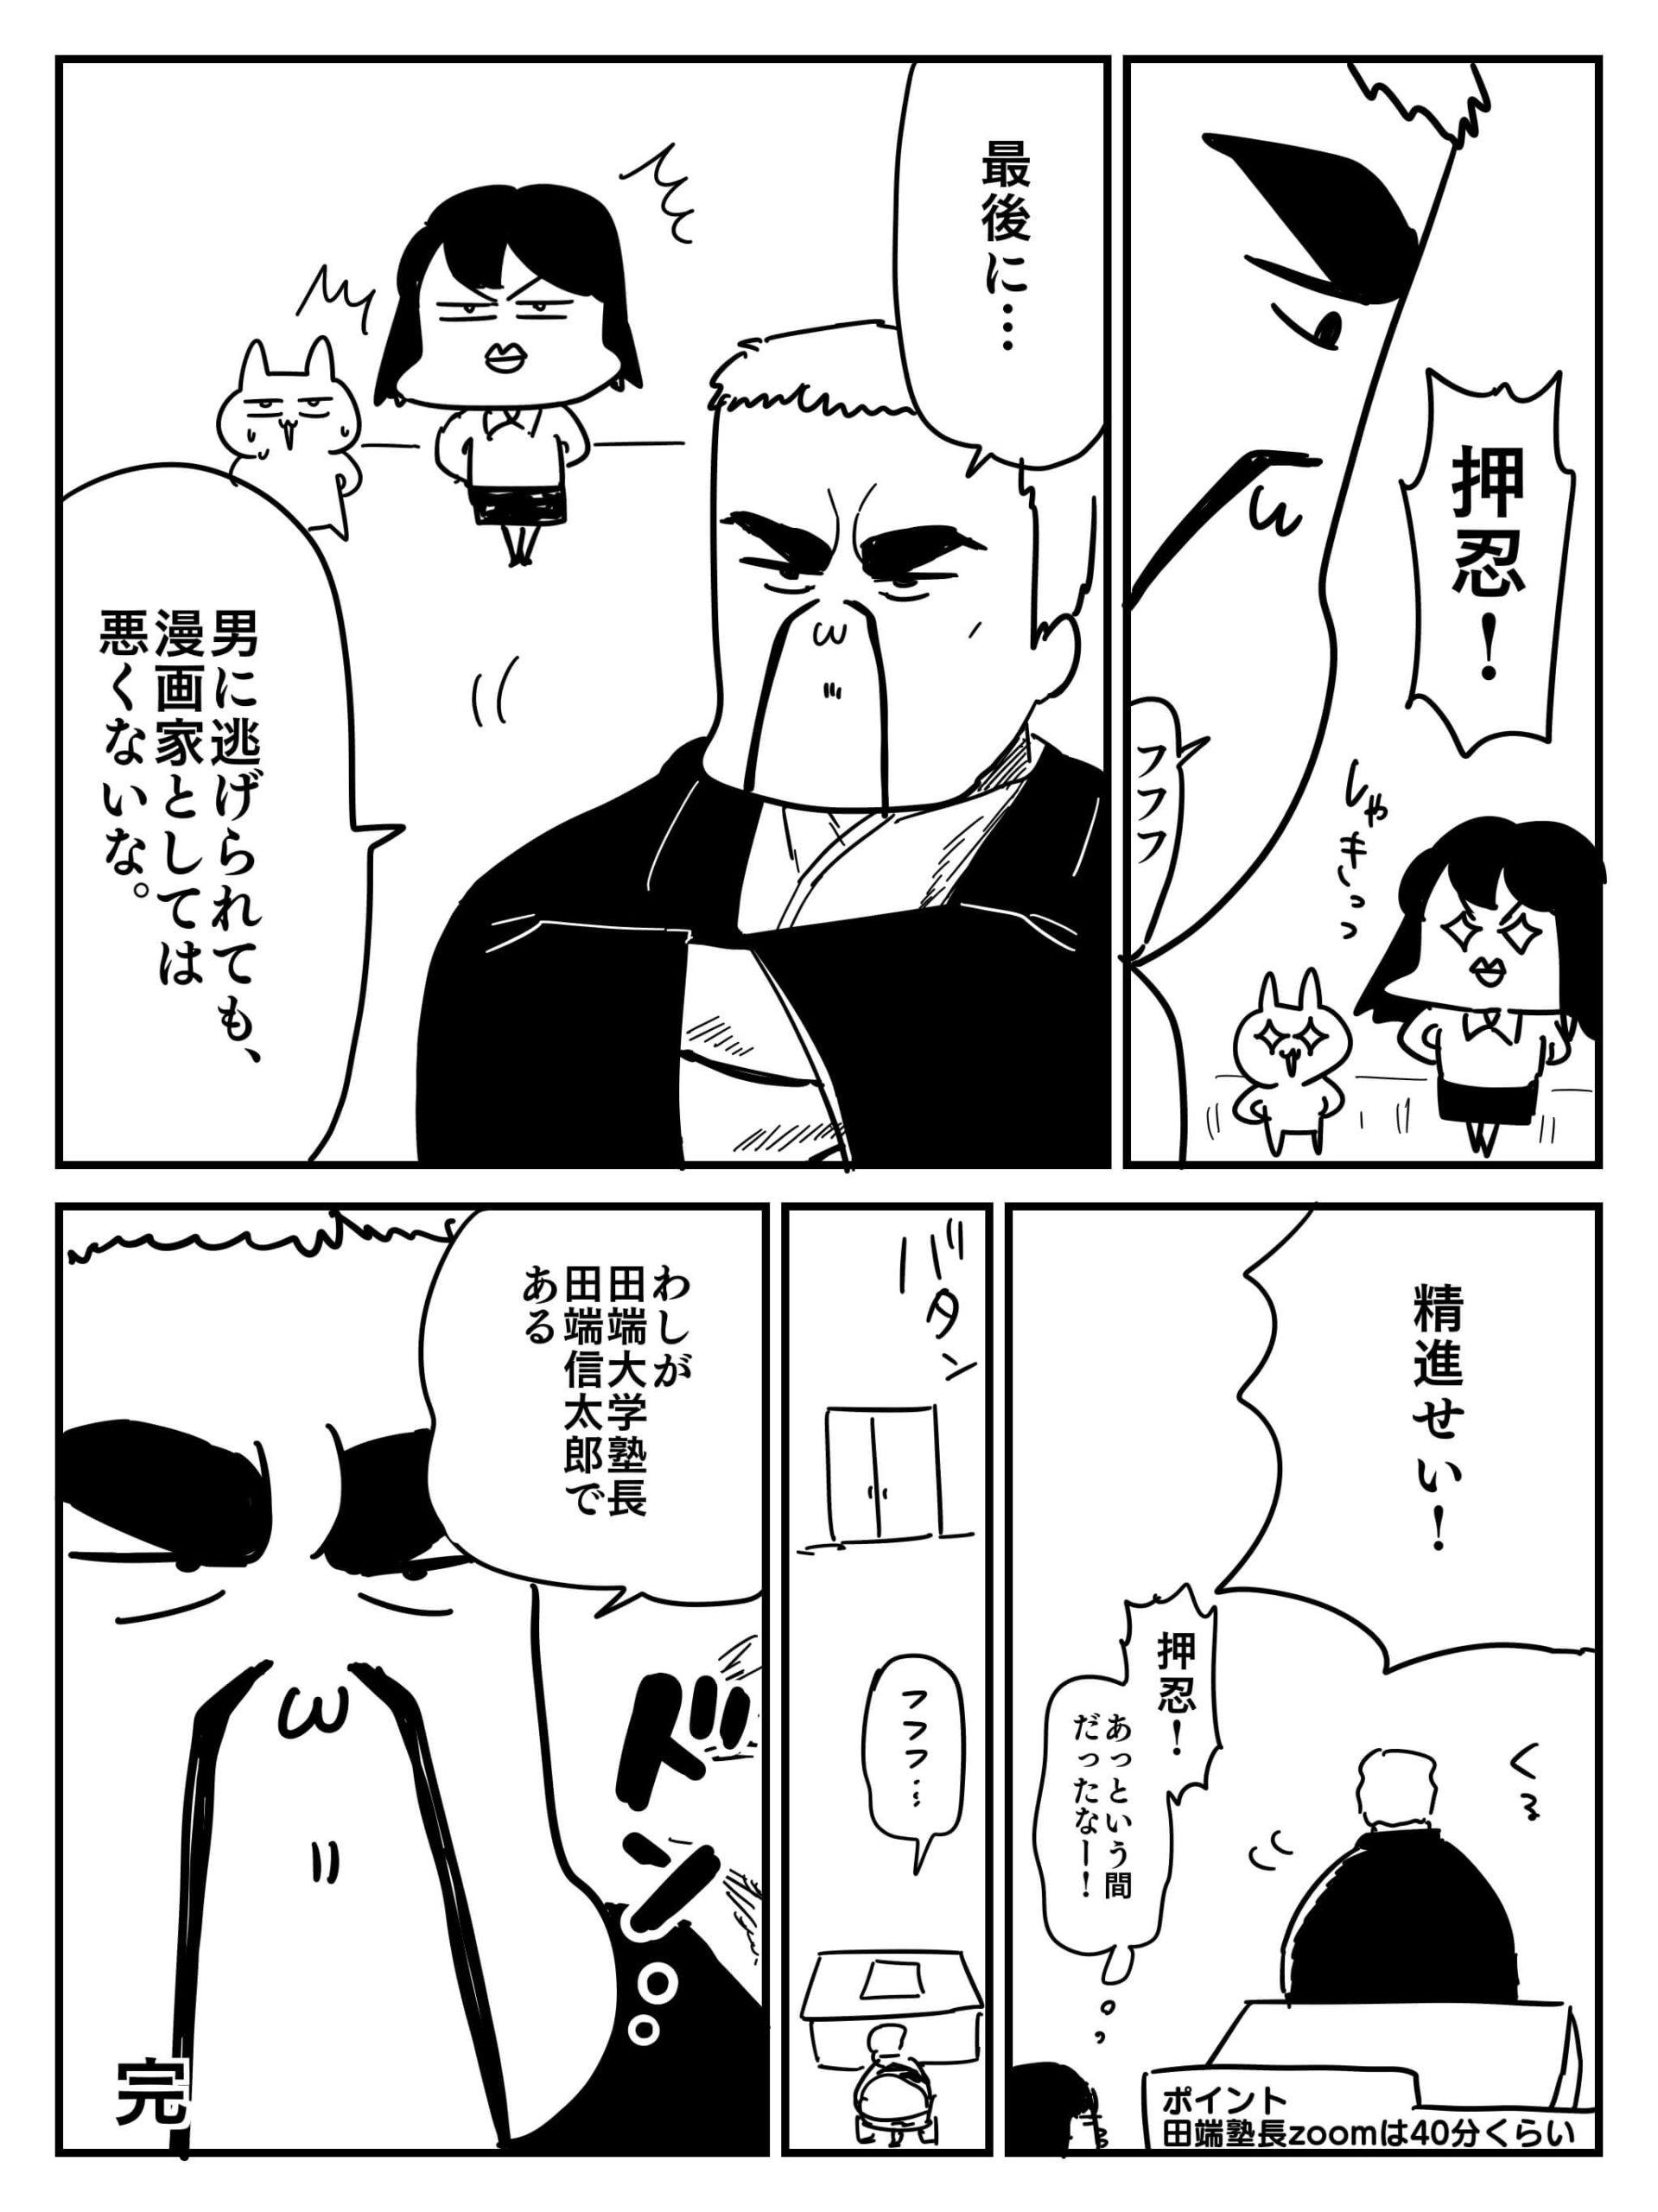 田端大学4